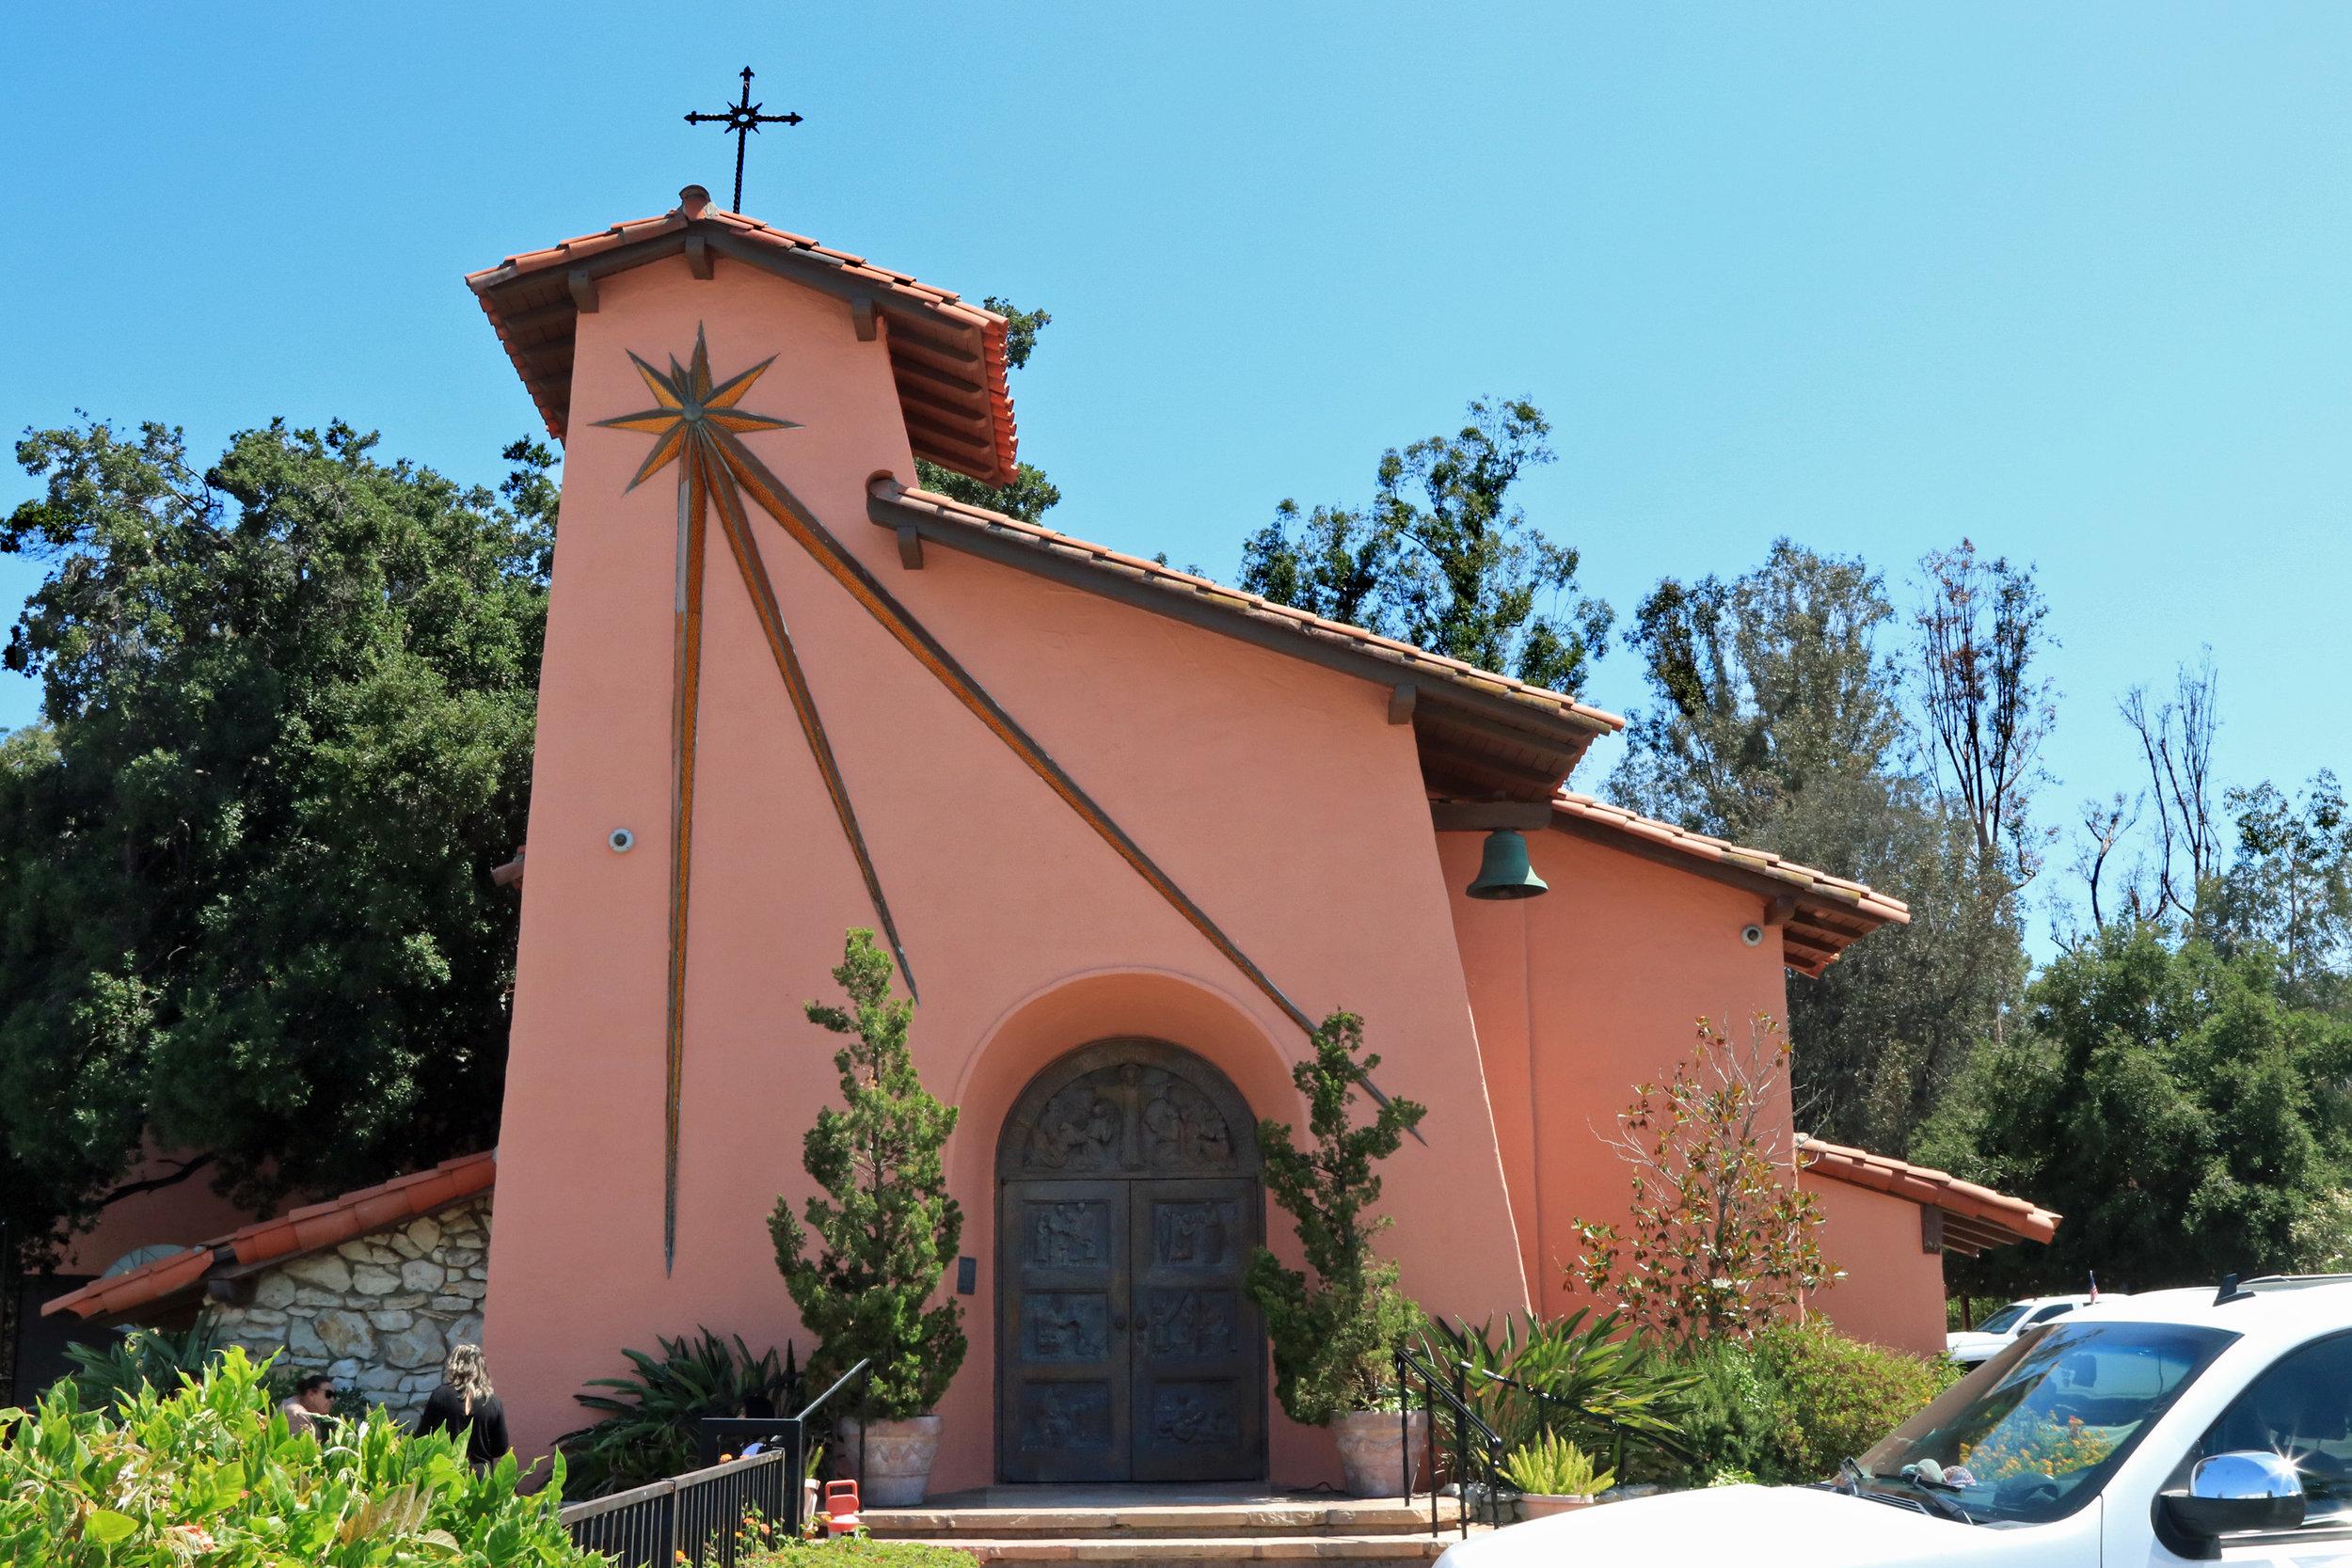 St. Nicholas Episcopal Church - 1941